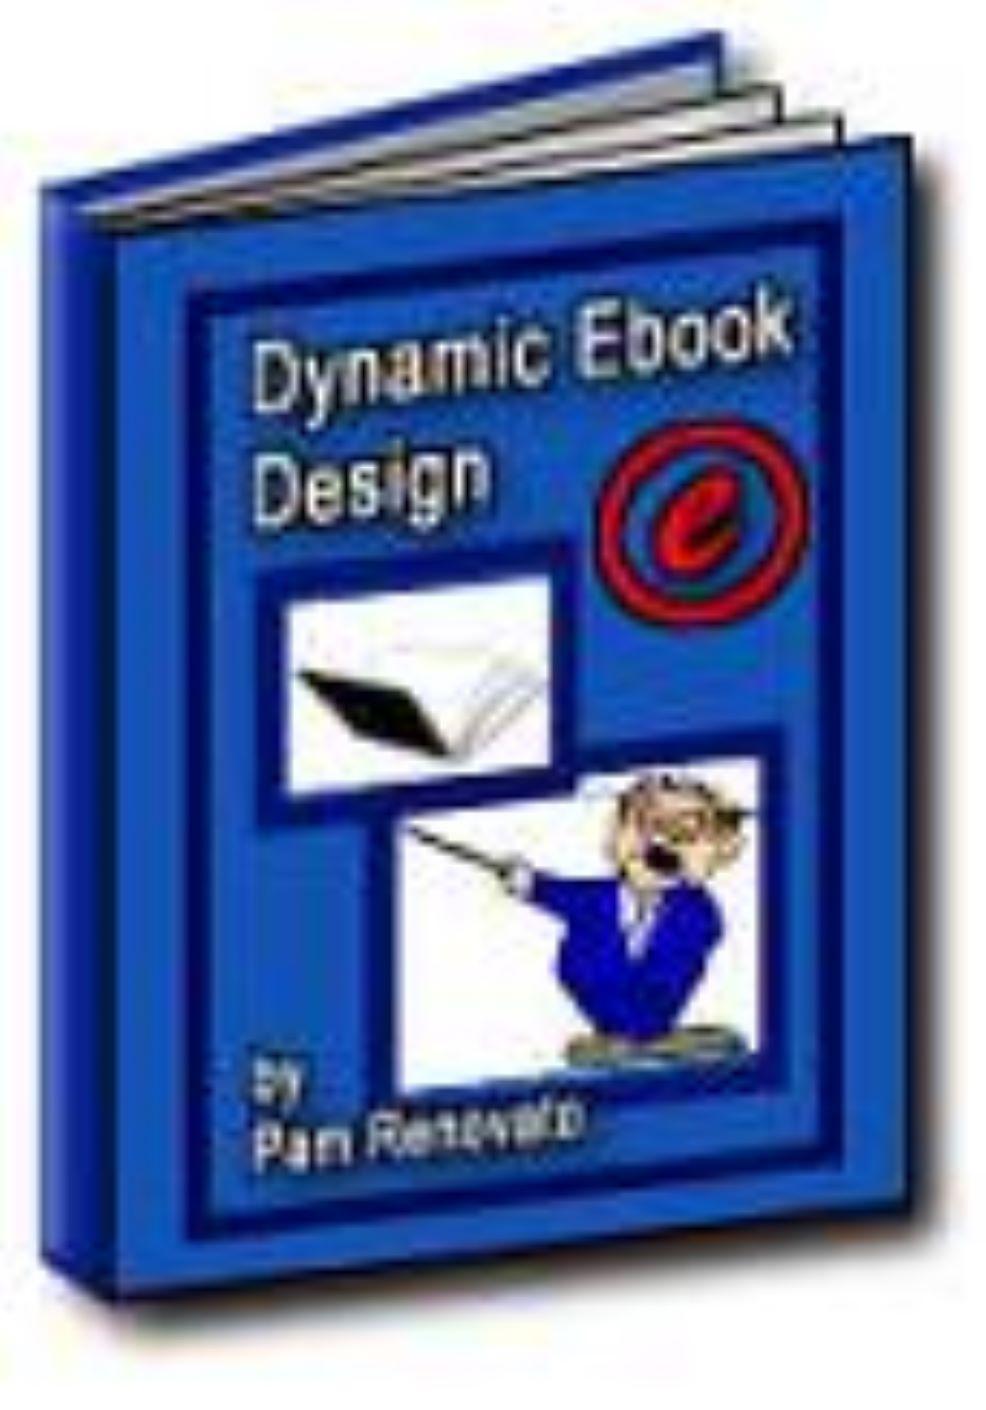 Dynamic Ebook Design